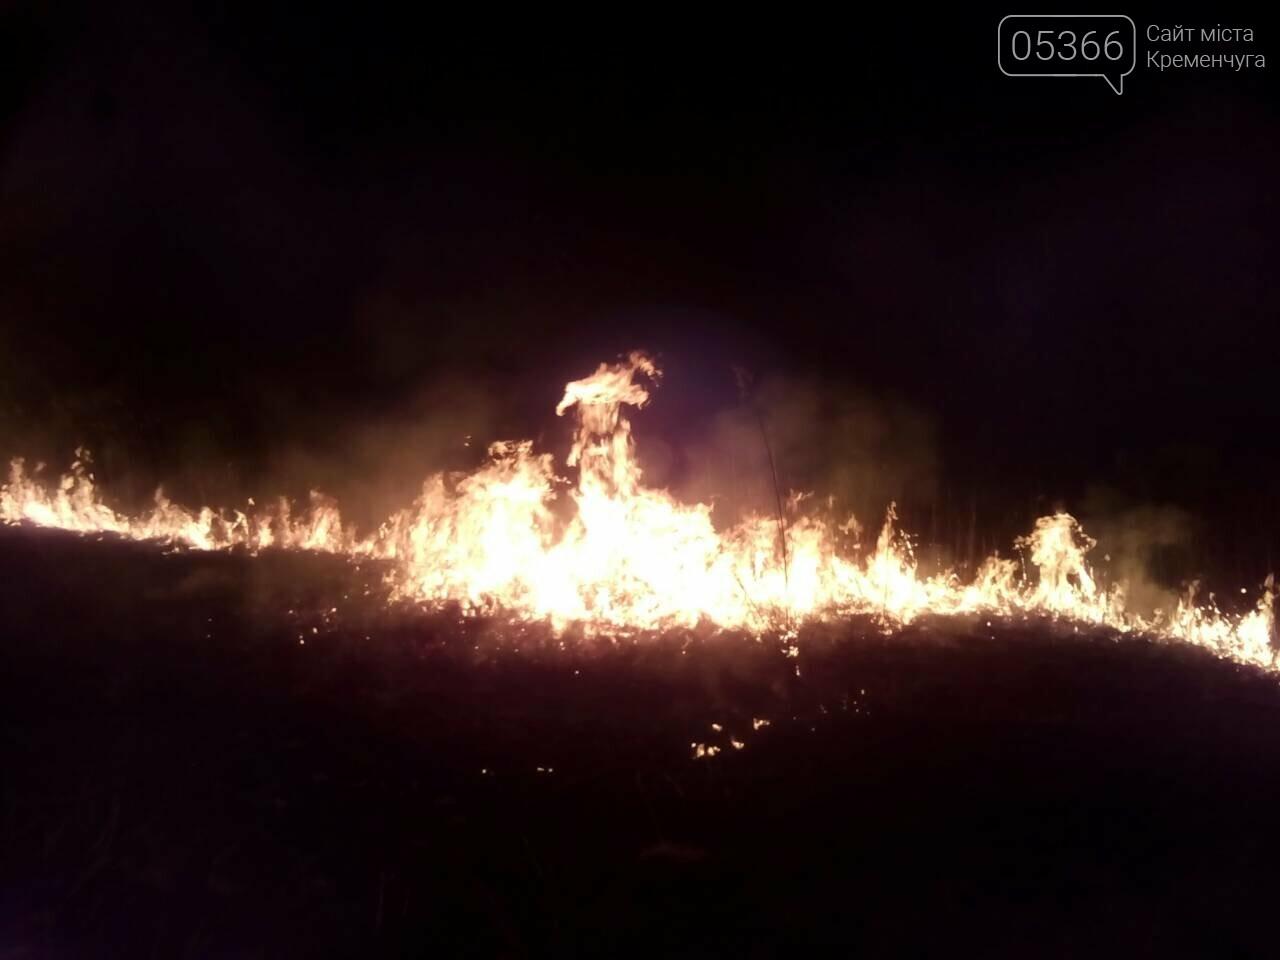 У Кременчуцькому районі вигоріло п'ять гектарів сухої трави, фото-1